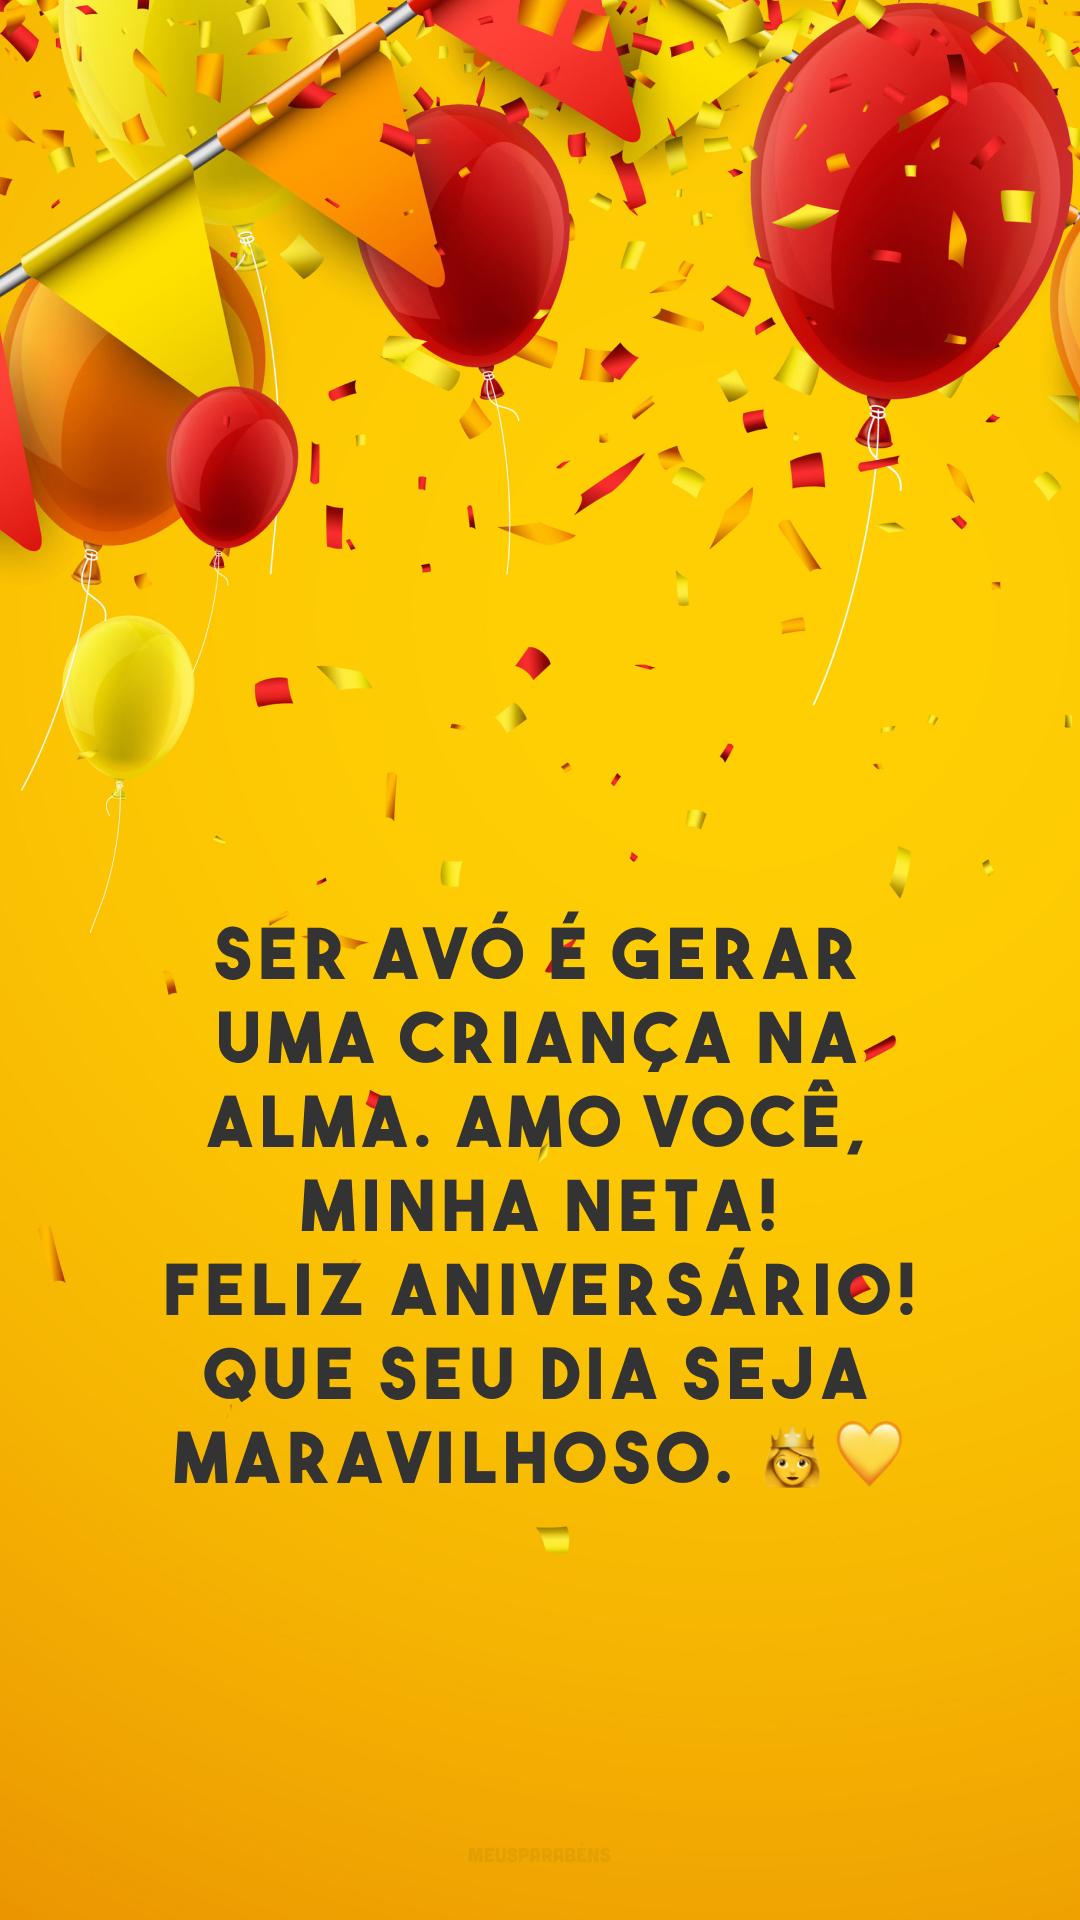 Ser avó é gerar uma criança na alma. Amo você, minha neta! Feliz aniversário! Que seu dia seja maravilhoso. 👑💛